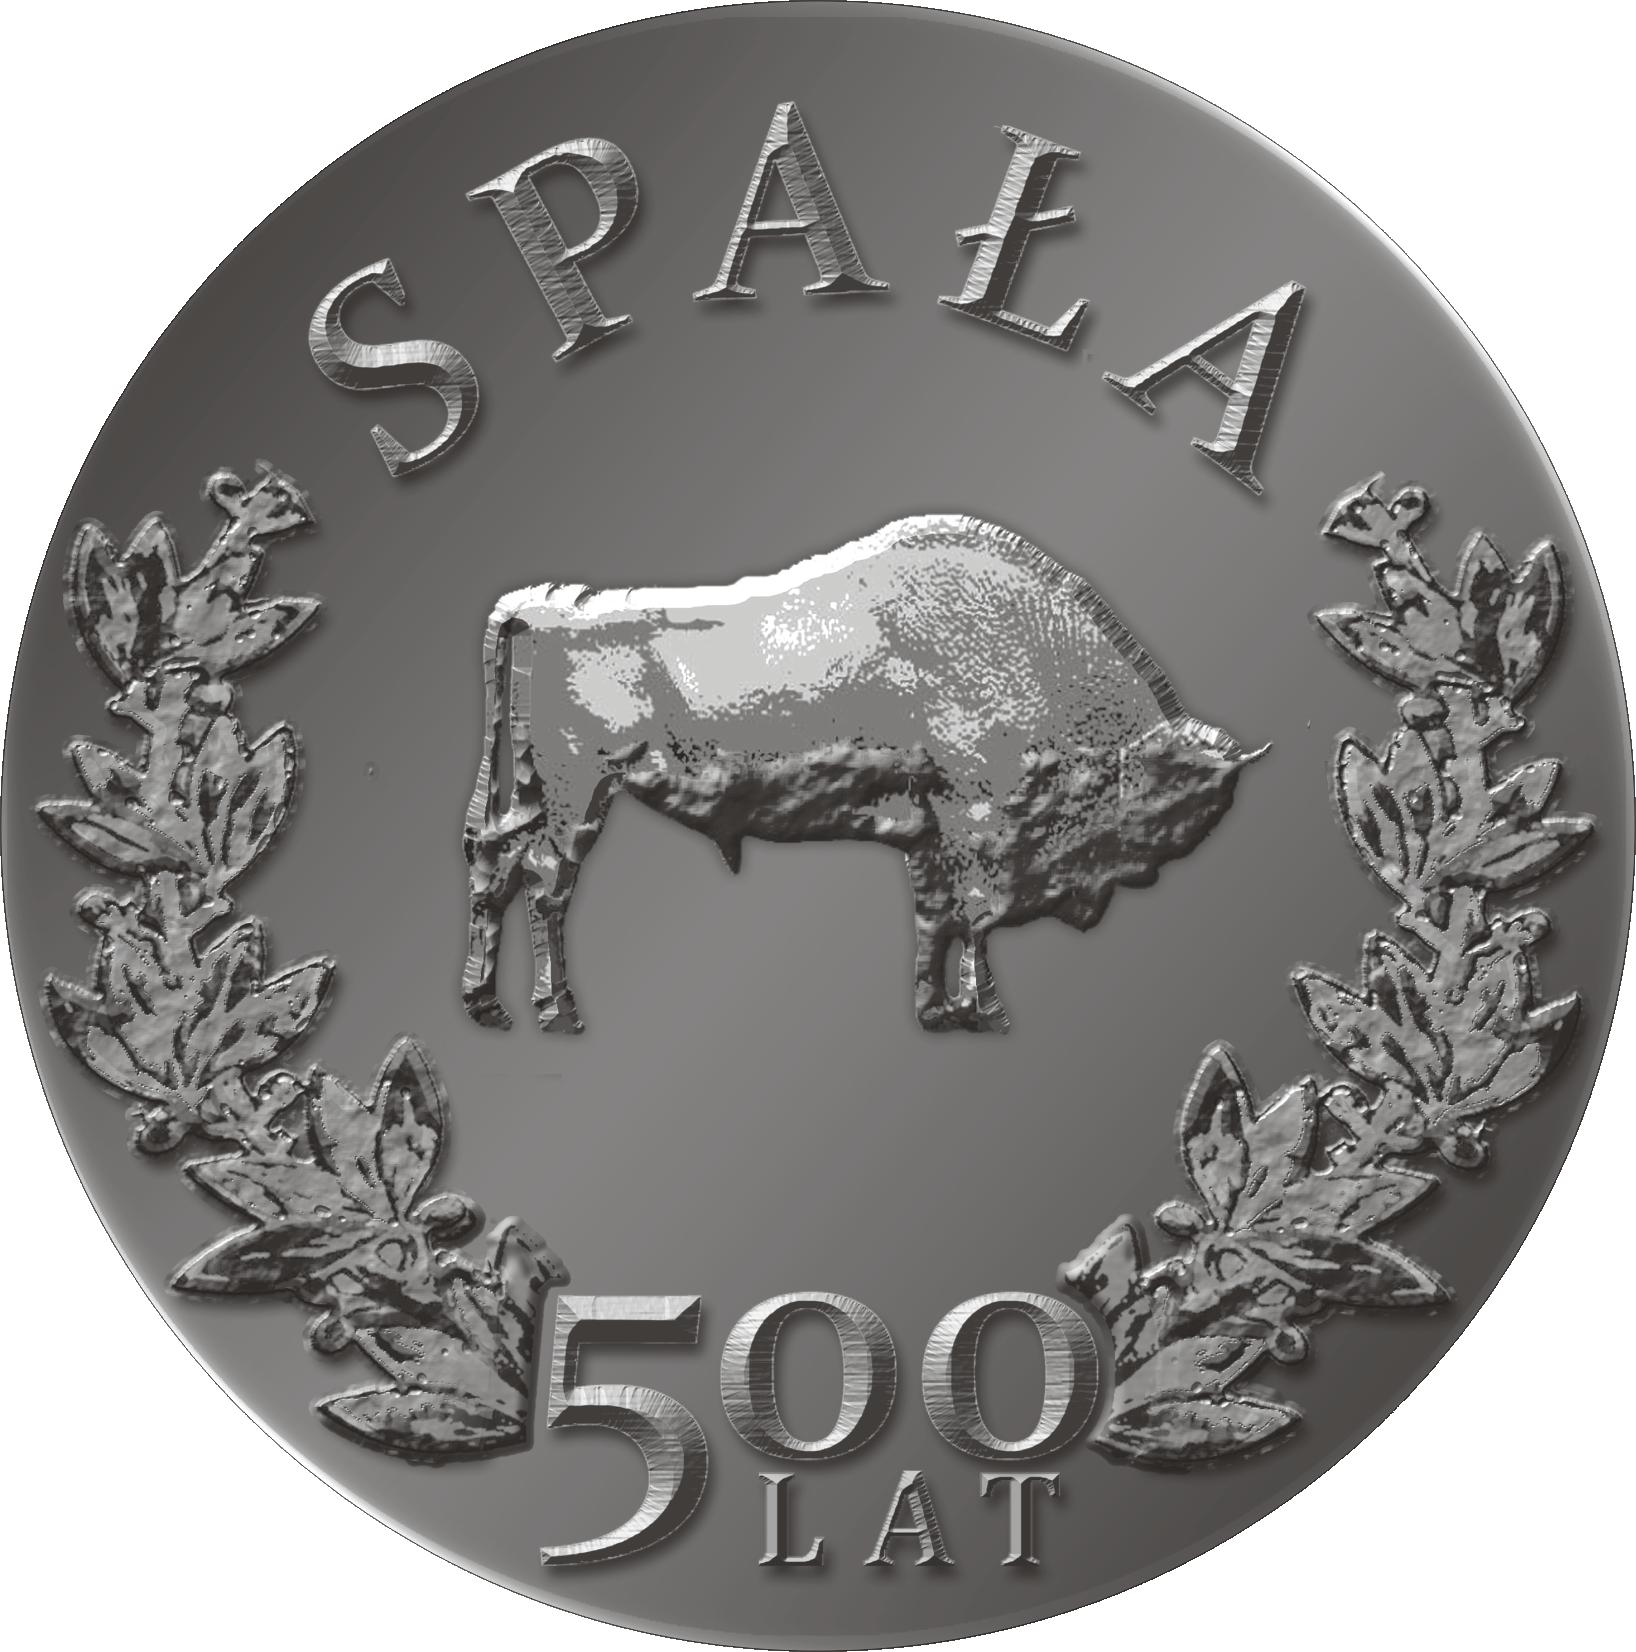 znaczek-500-lat-png